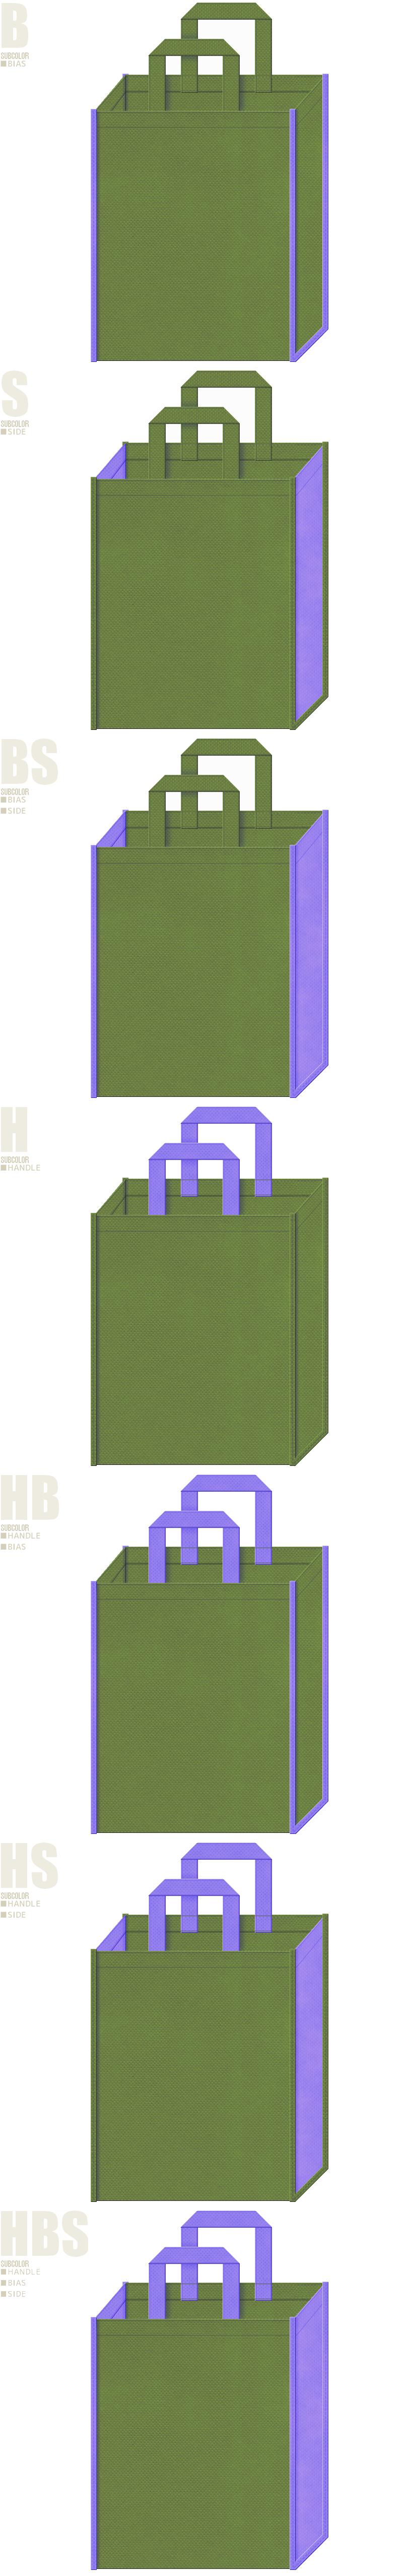 草色と明るめの紫色、7パターンの不織布トートバッグ配色デザイン例。和風催事・生け花教室にお奨めです。花菖蒲風。